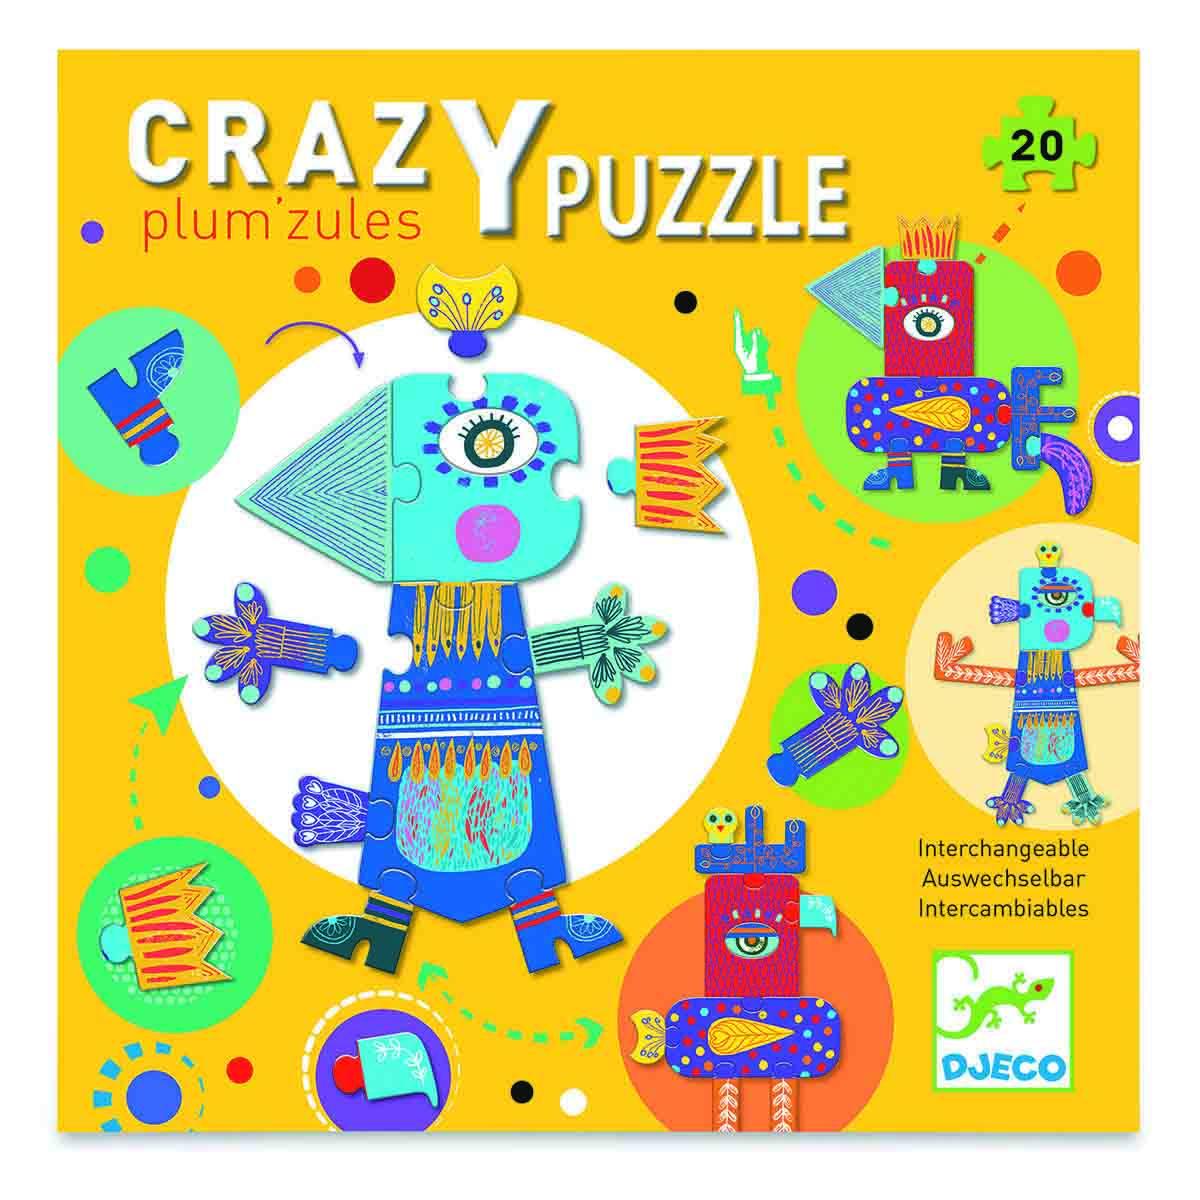 Puzzle GIANT PUZZLE CRAZY PUZZLE PLUM'ZULES